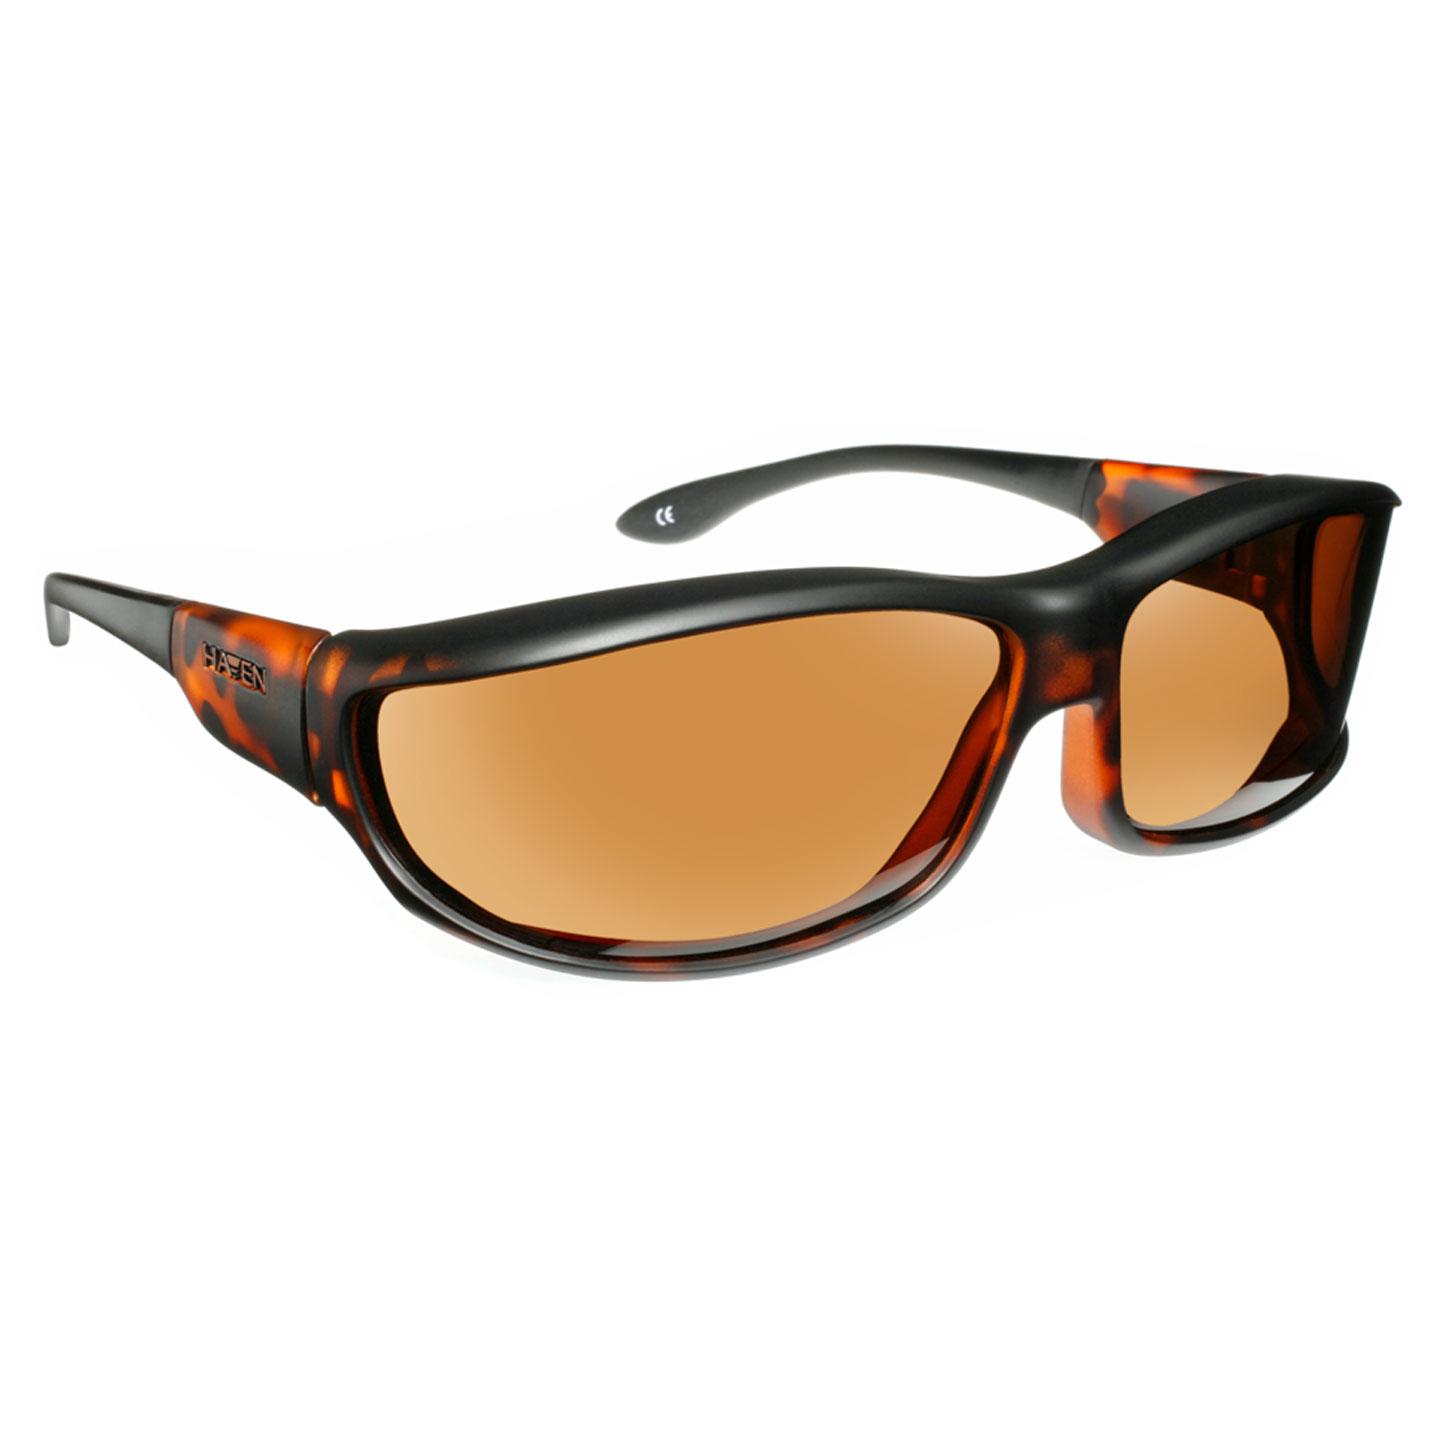 Les lunettes de soleil montures enveloppantes – HUNTER